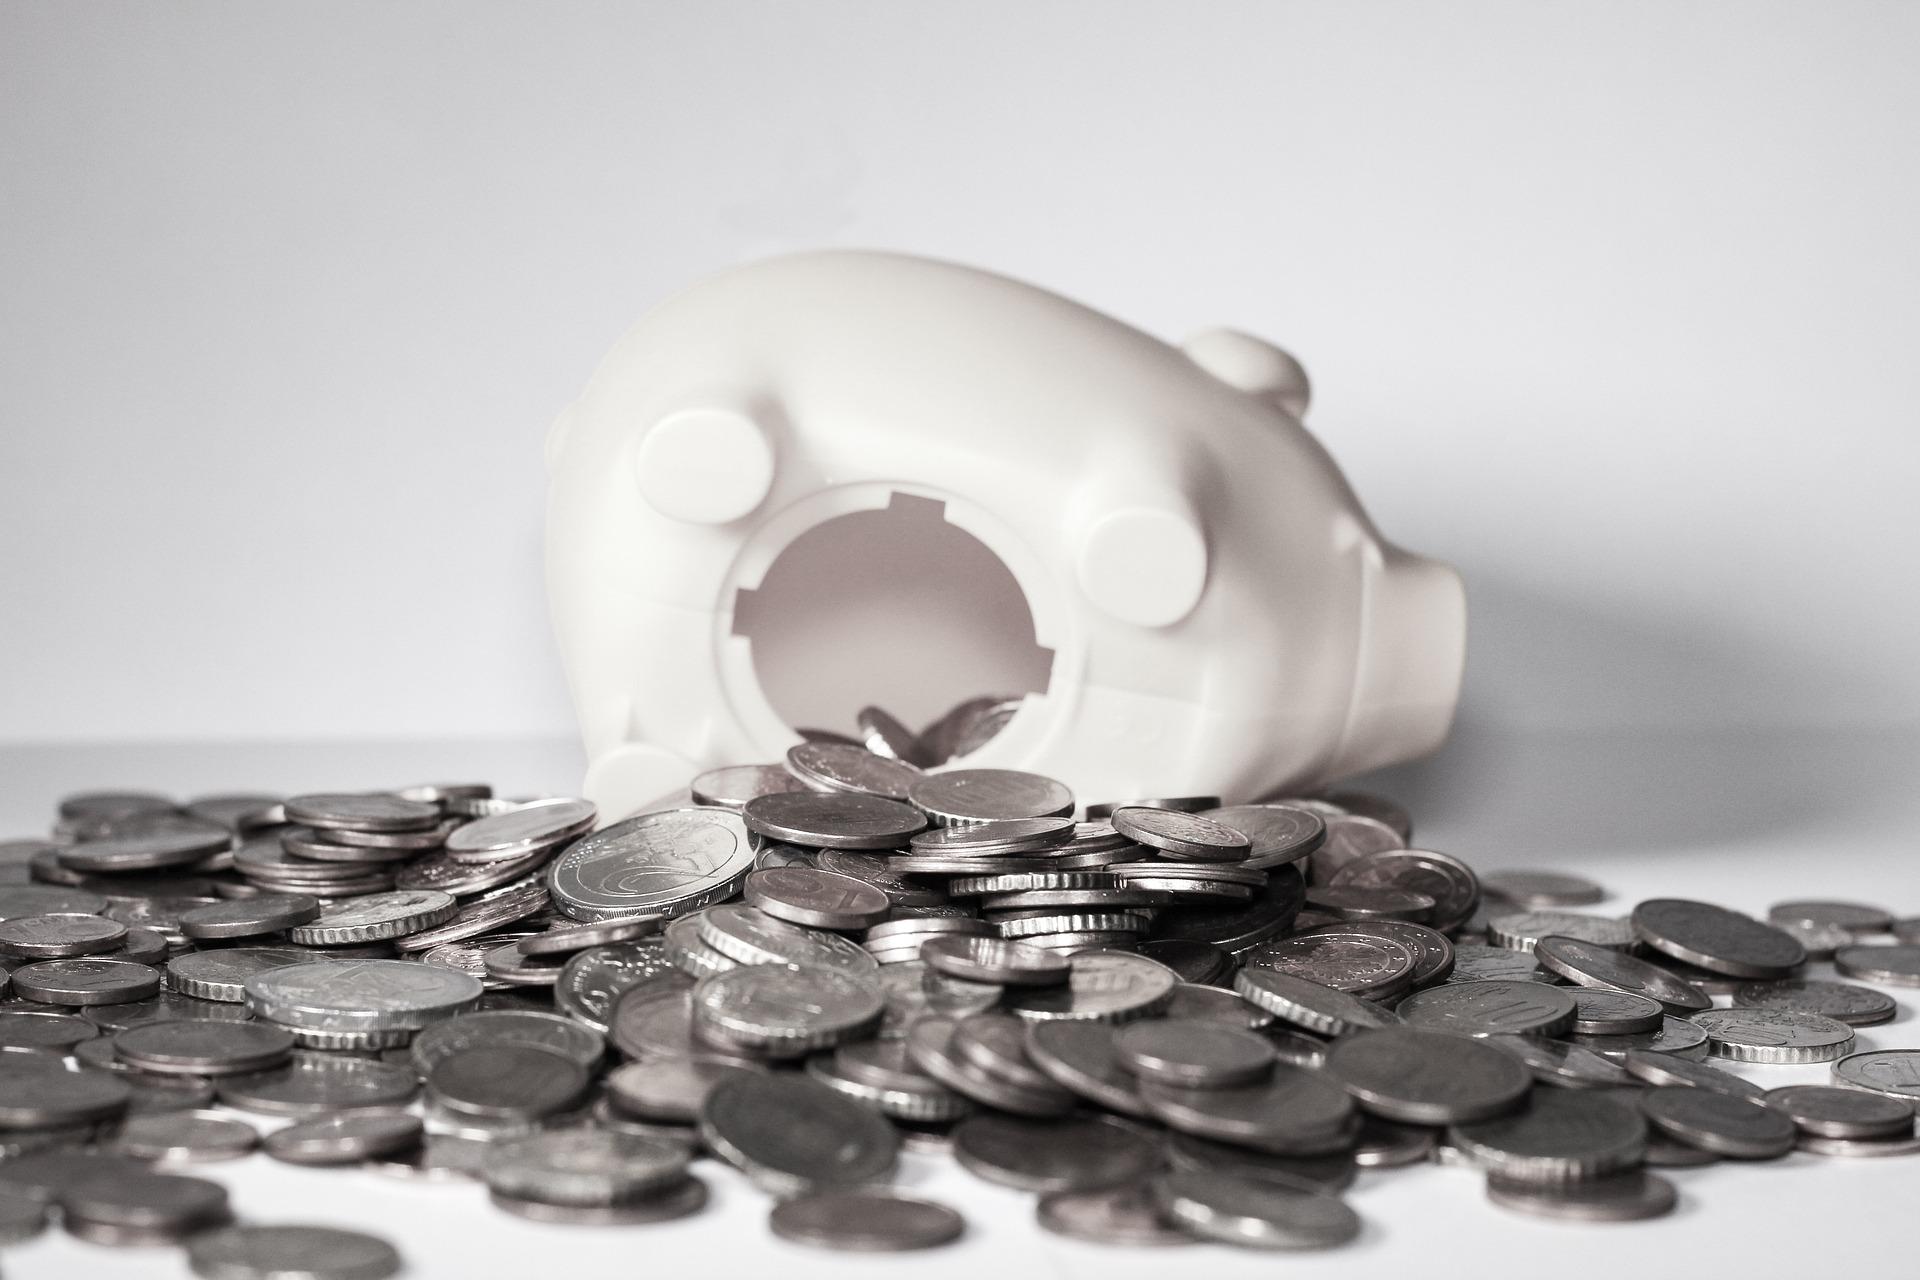 Comment économiser facilement sur Internet?